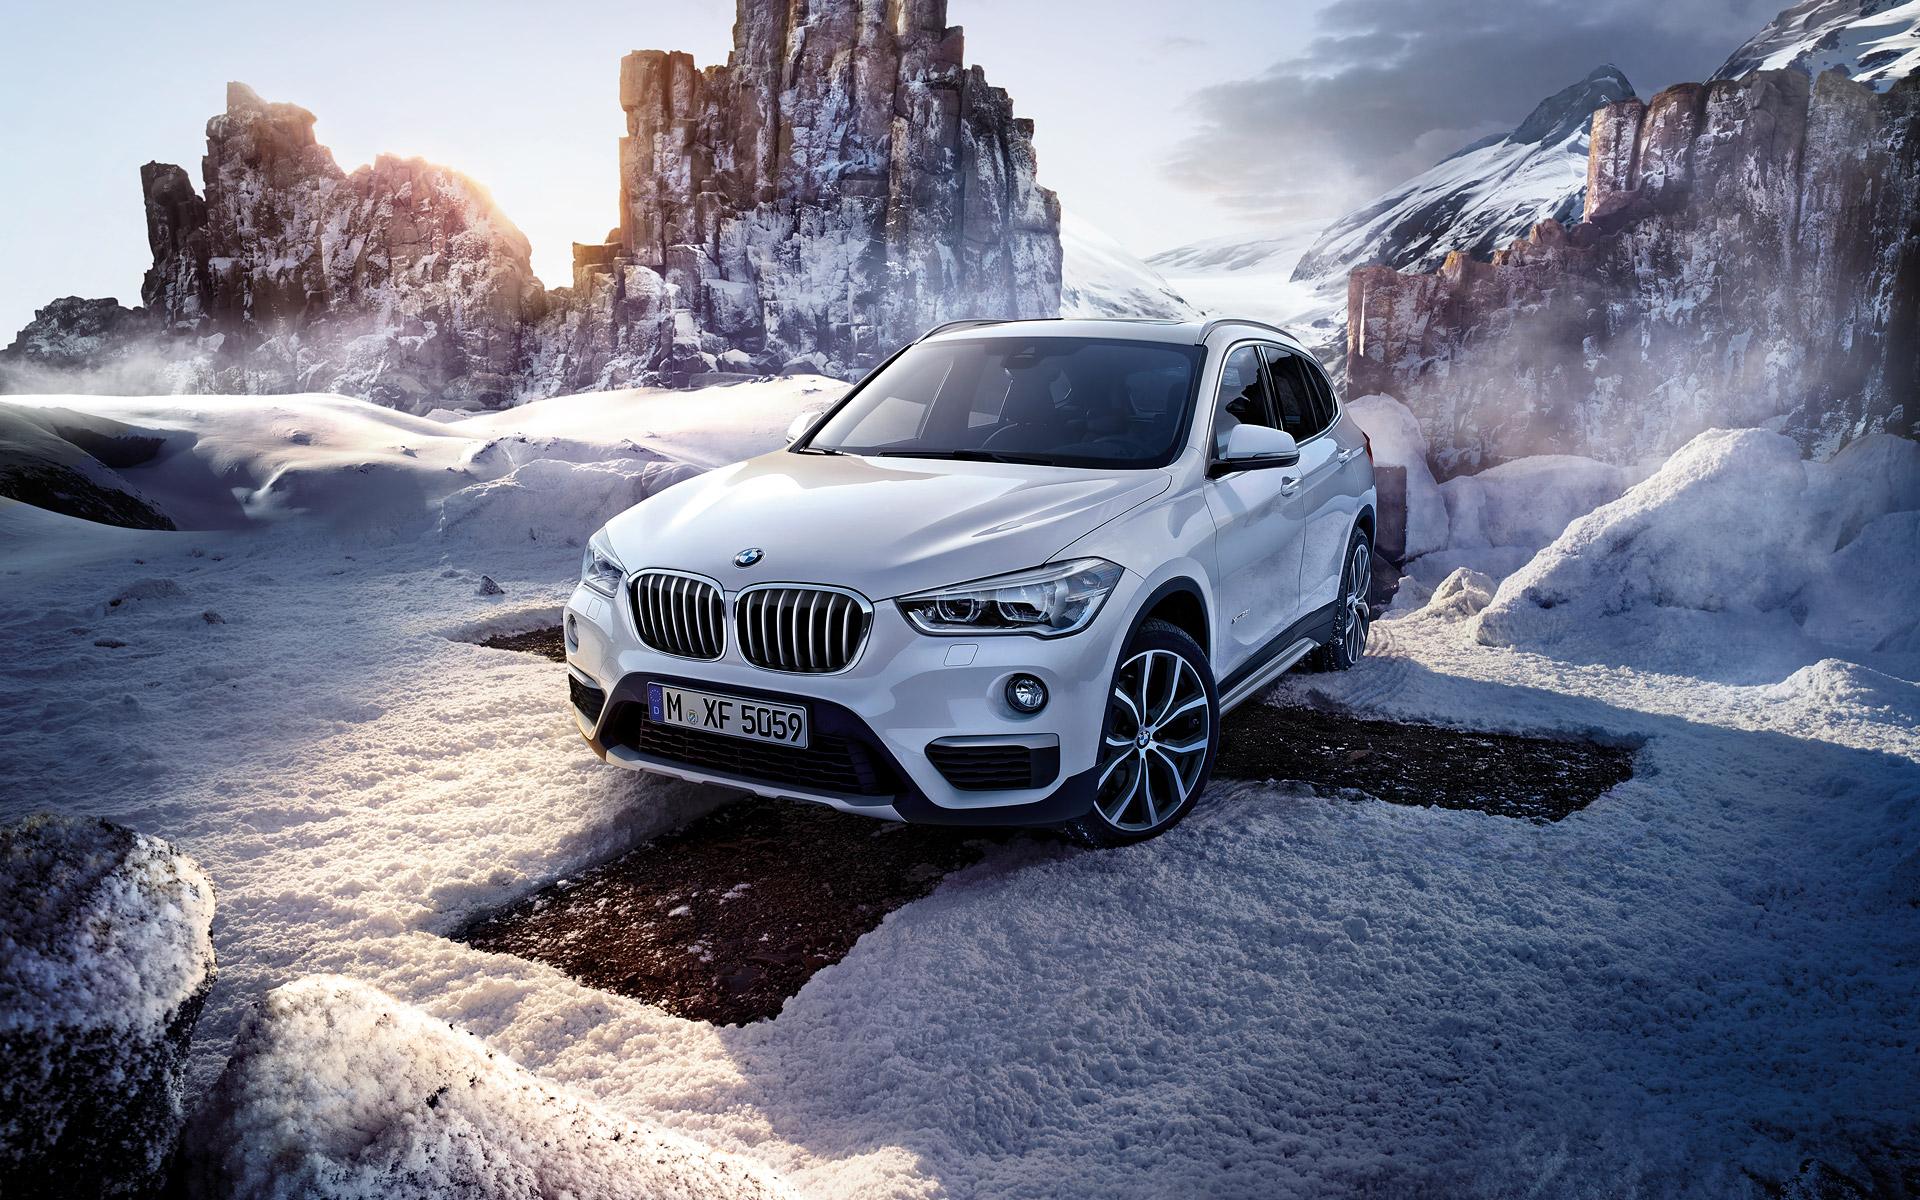 2015 Bmw X1 >> 2016 BMW X1- Wallpapers